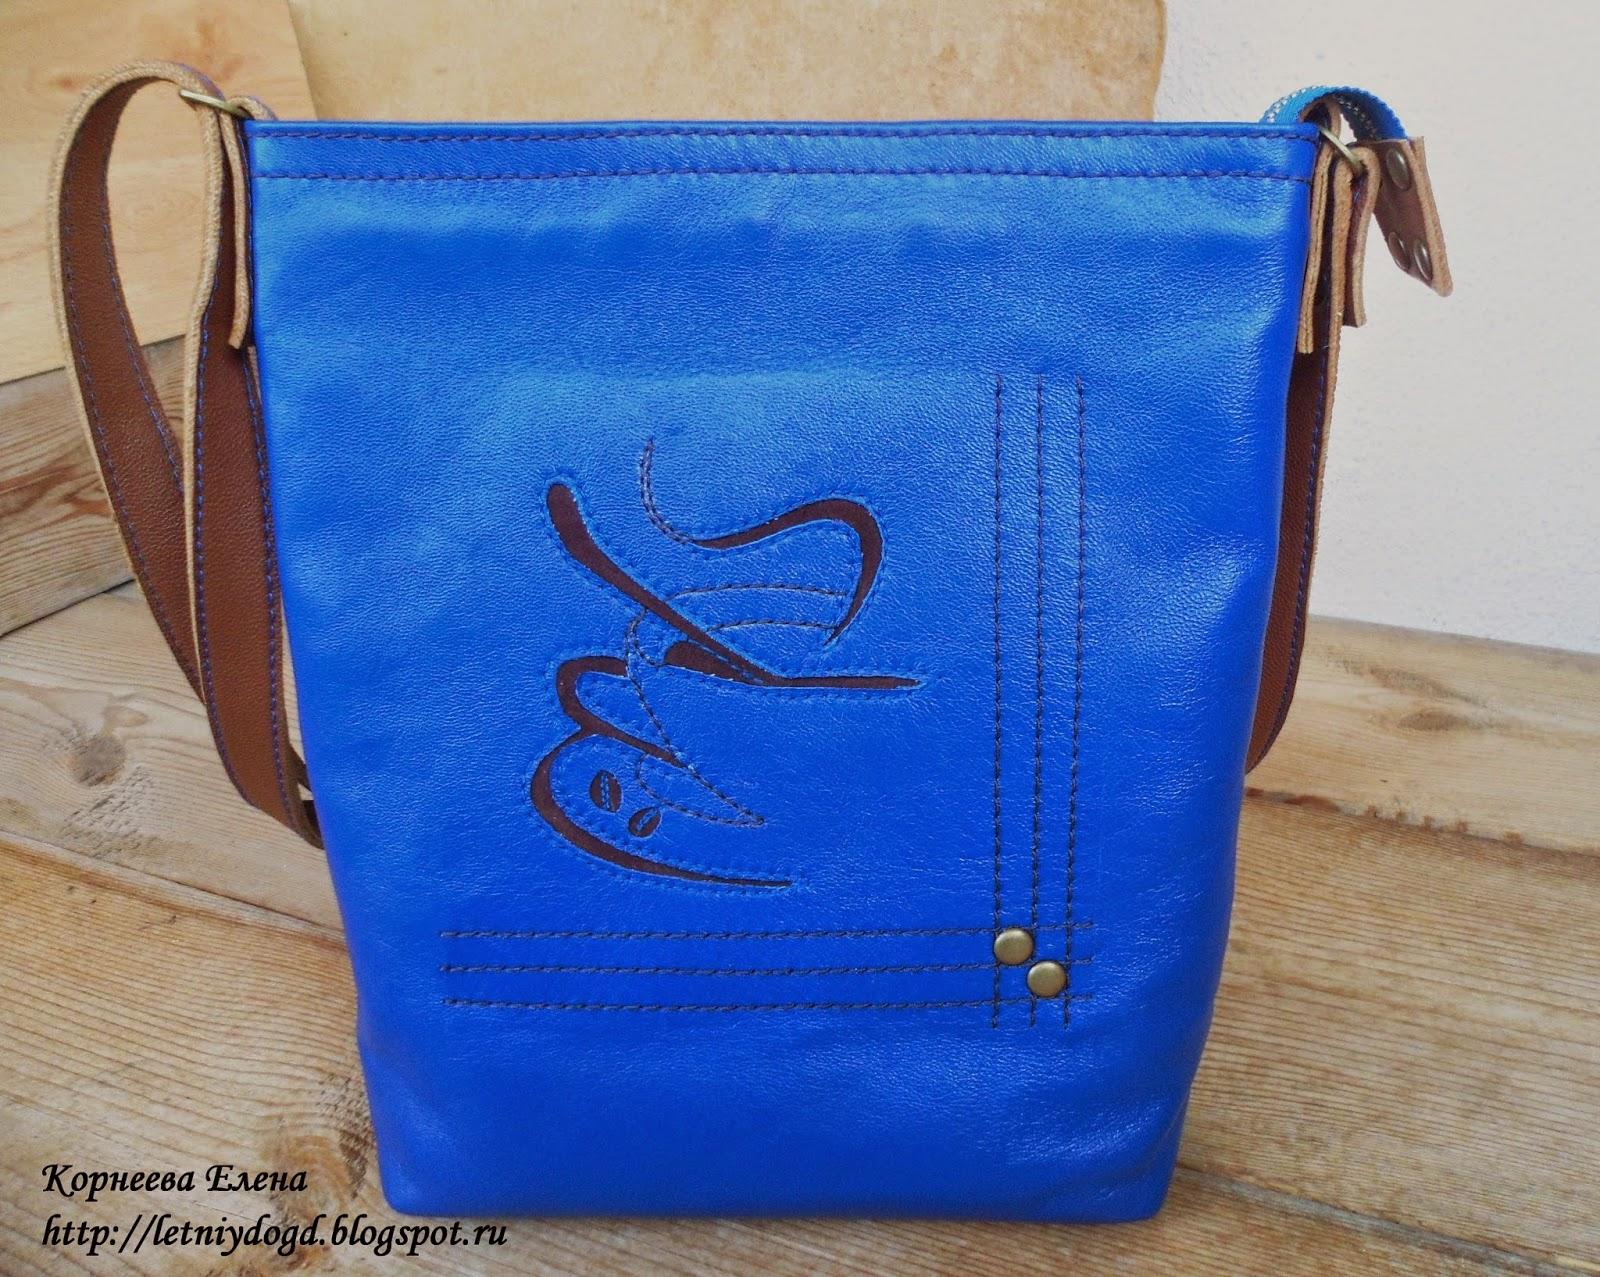 кожаная сумочка-планшет через плечо